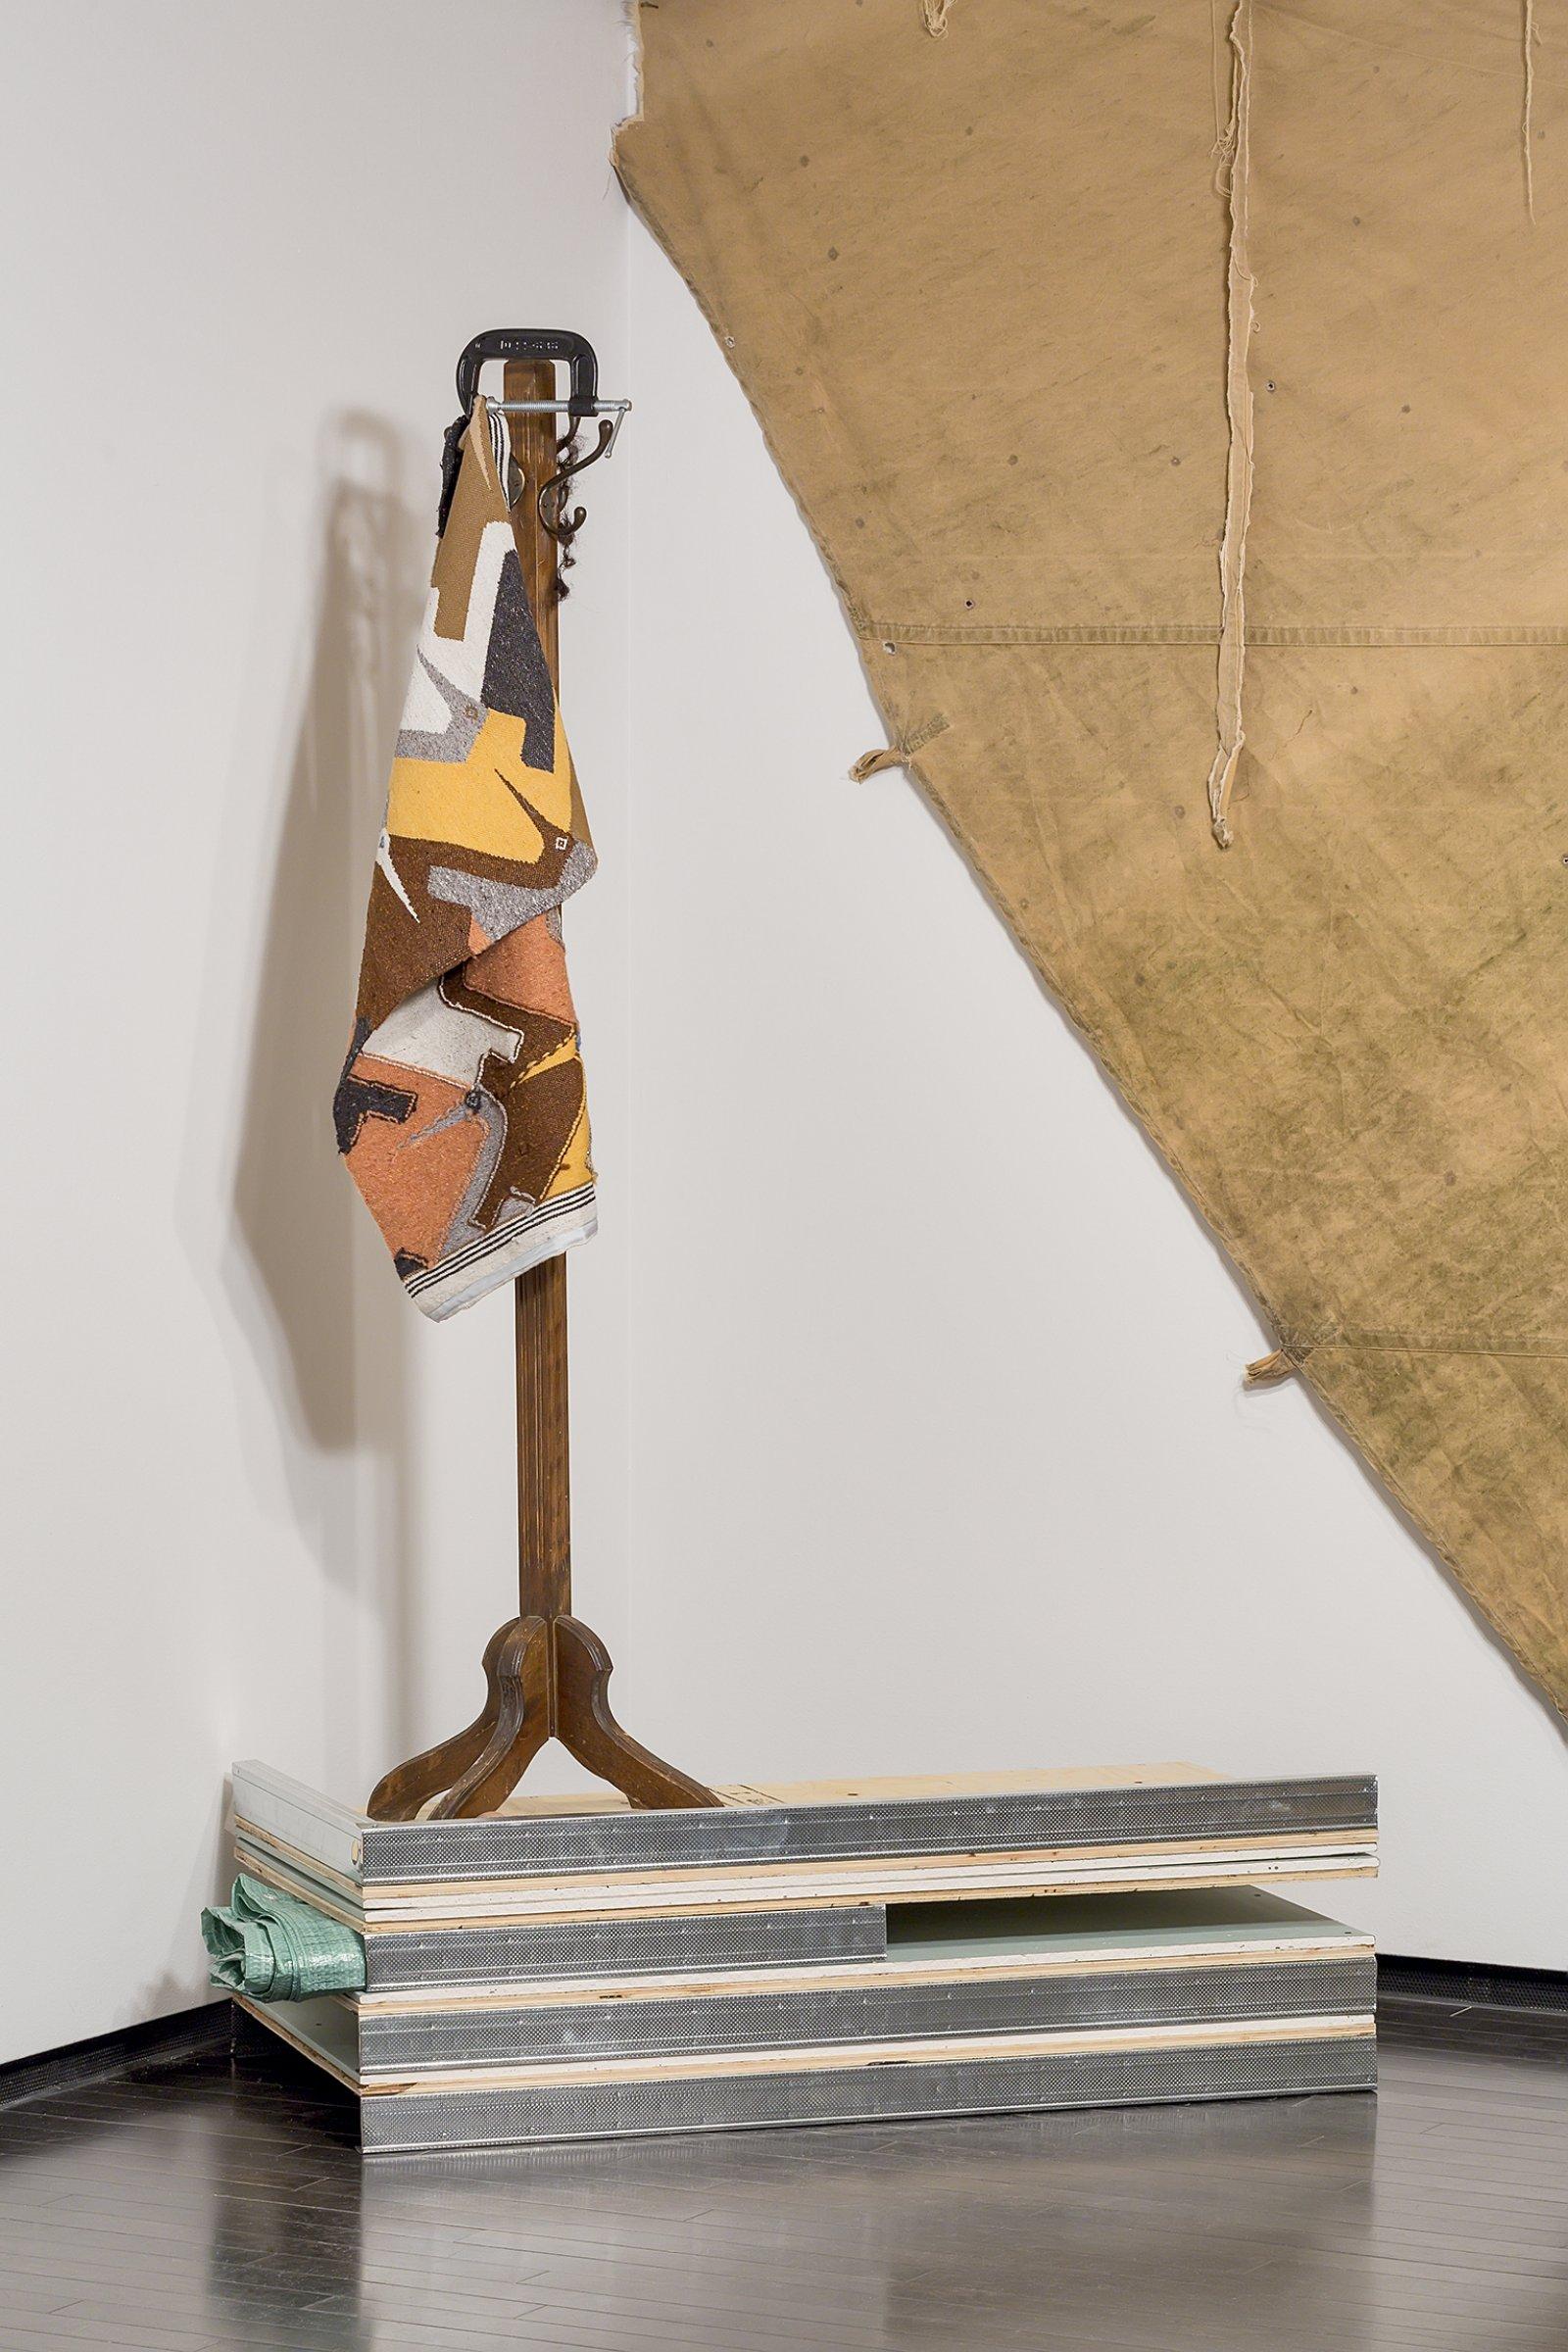 Duane Linklater, Flock, 2016, wool tapestry, coathanger, steel vice, tarpaulin, gypsum, wood, steel, hair, clay, dimensions variable